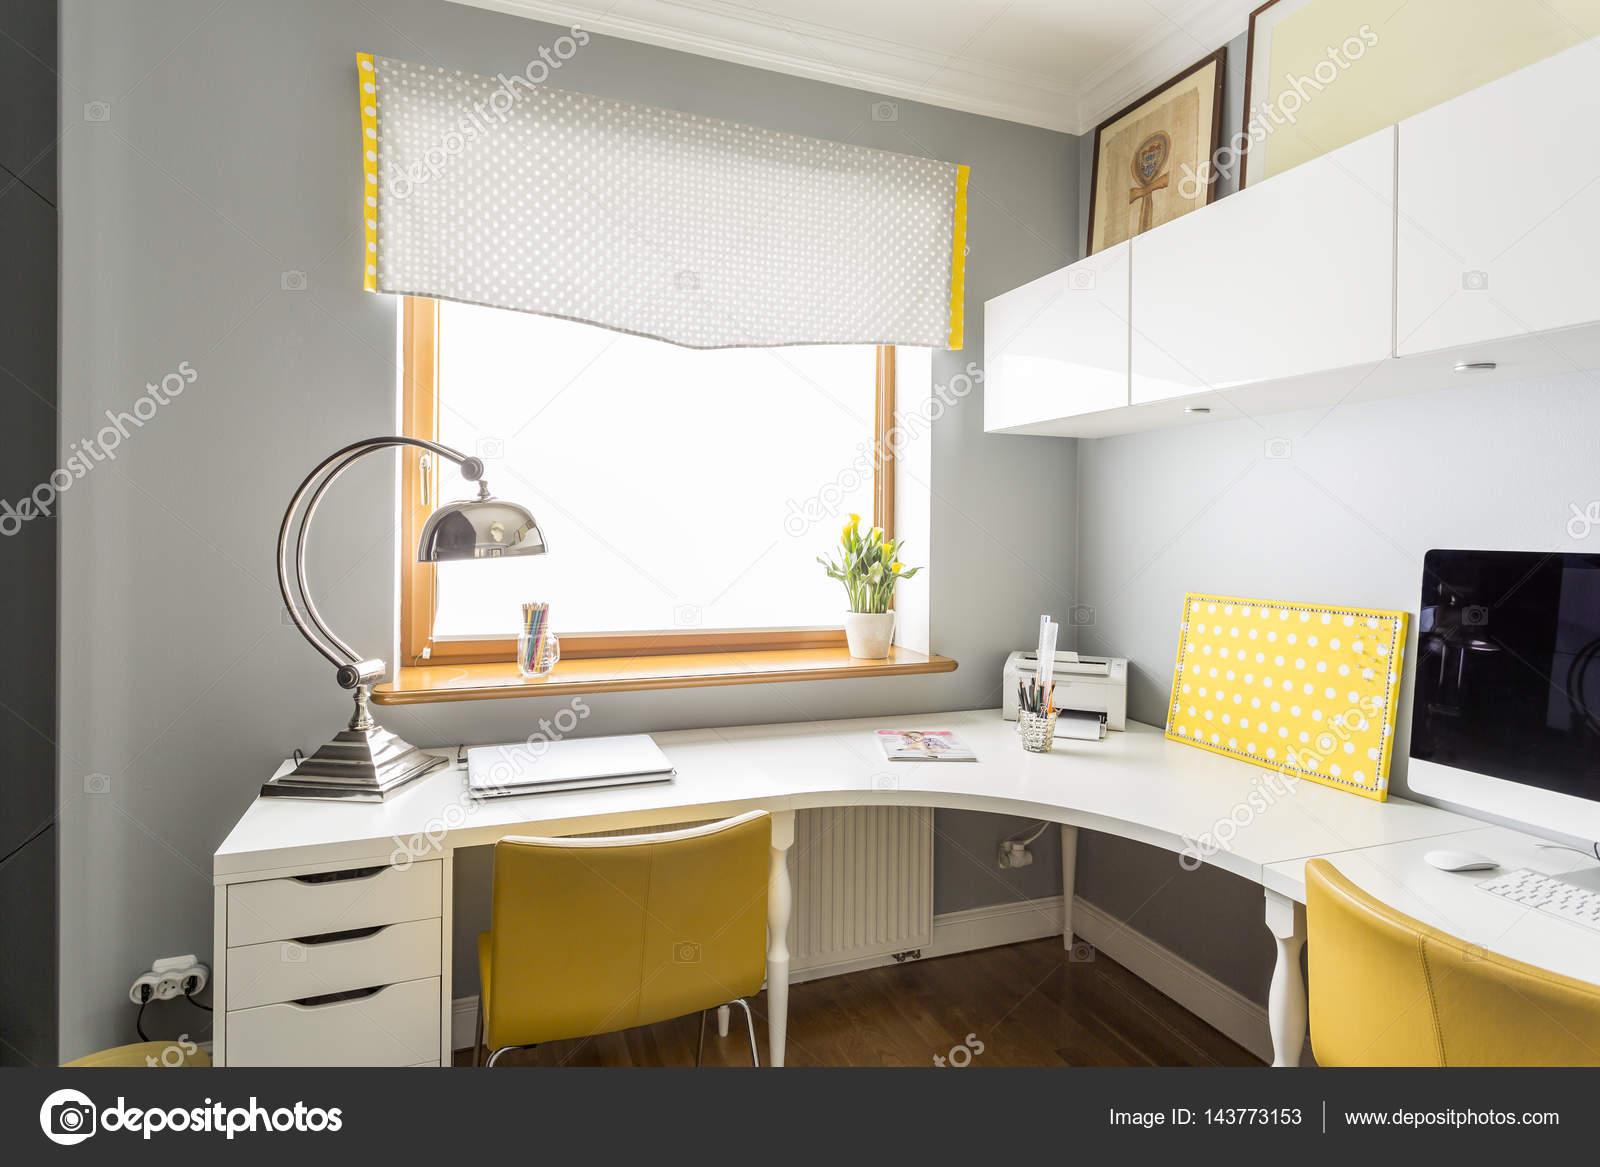 Grote hoekige bureau in een kantoor u2014 stockfoto © photographee.eu